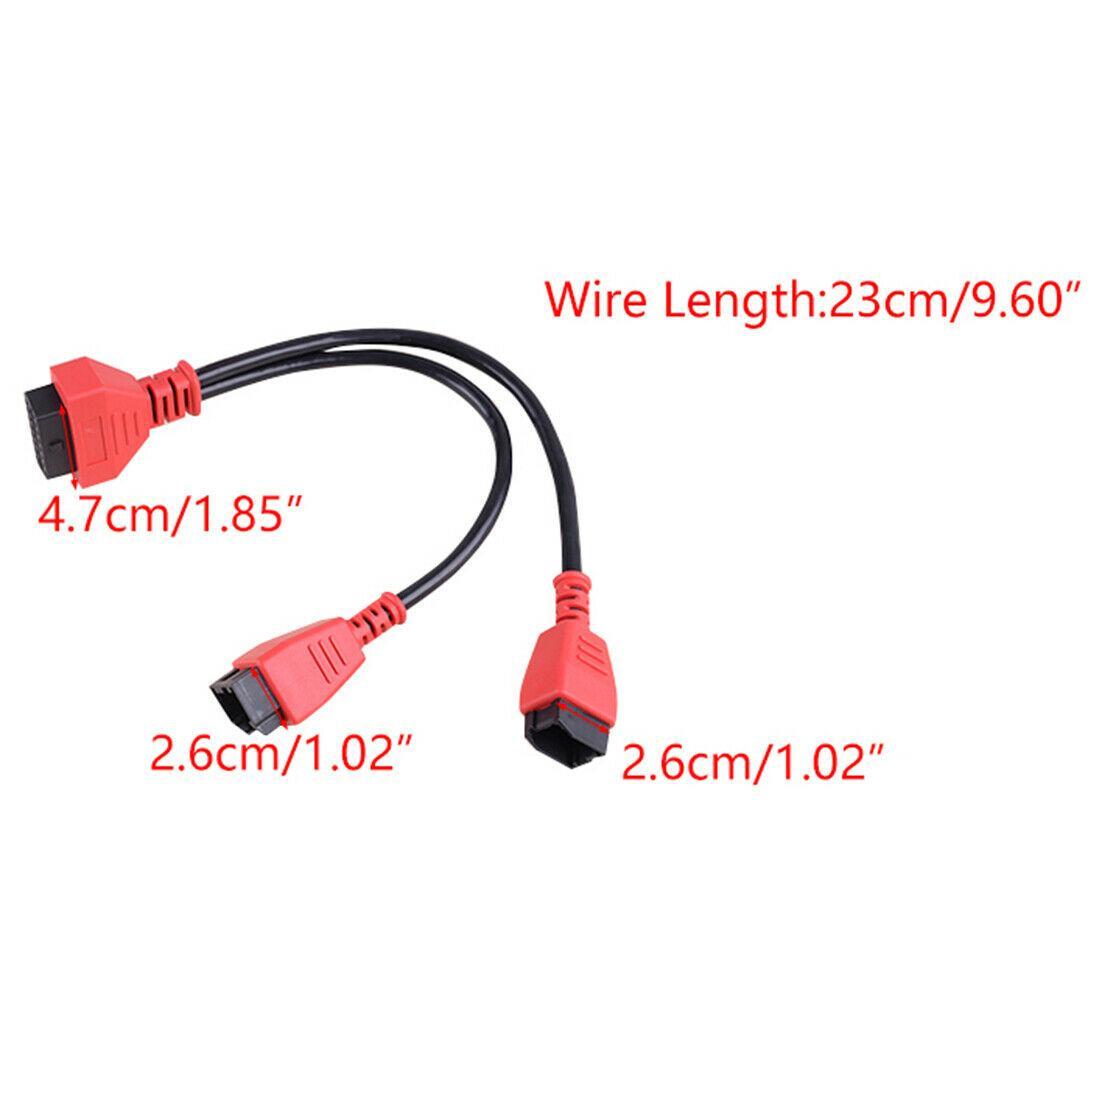 Dodge OBD için Jeep için 12 + 8 Pins OBDII DLC Adaptörü Kurşun Kablo Adaptörleri